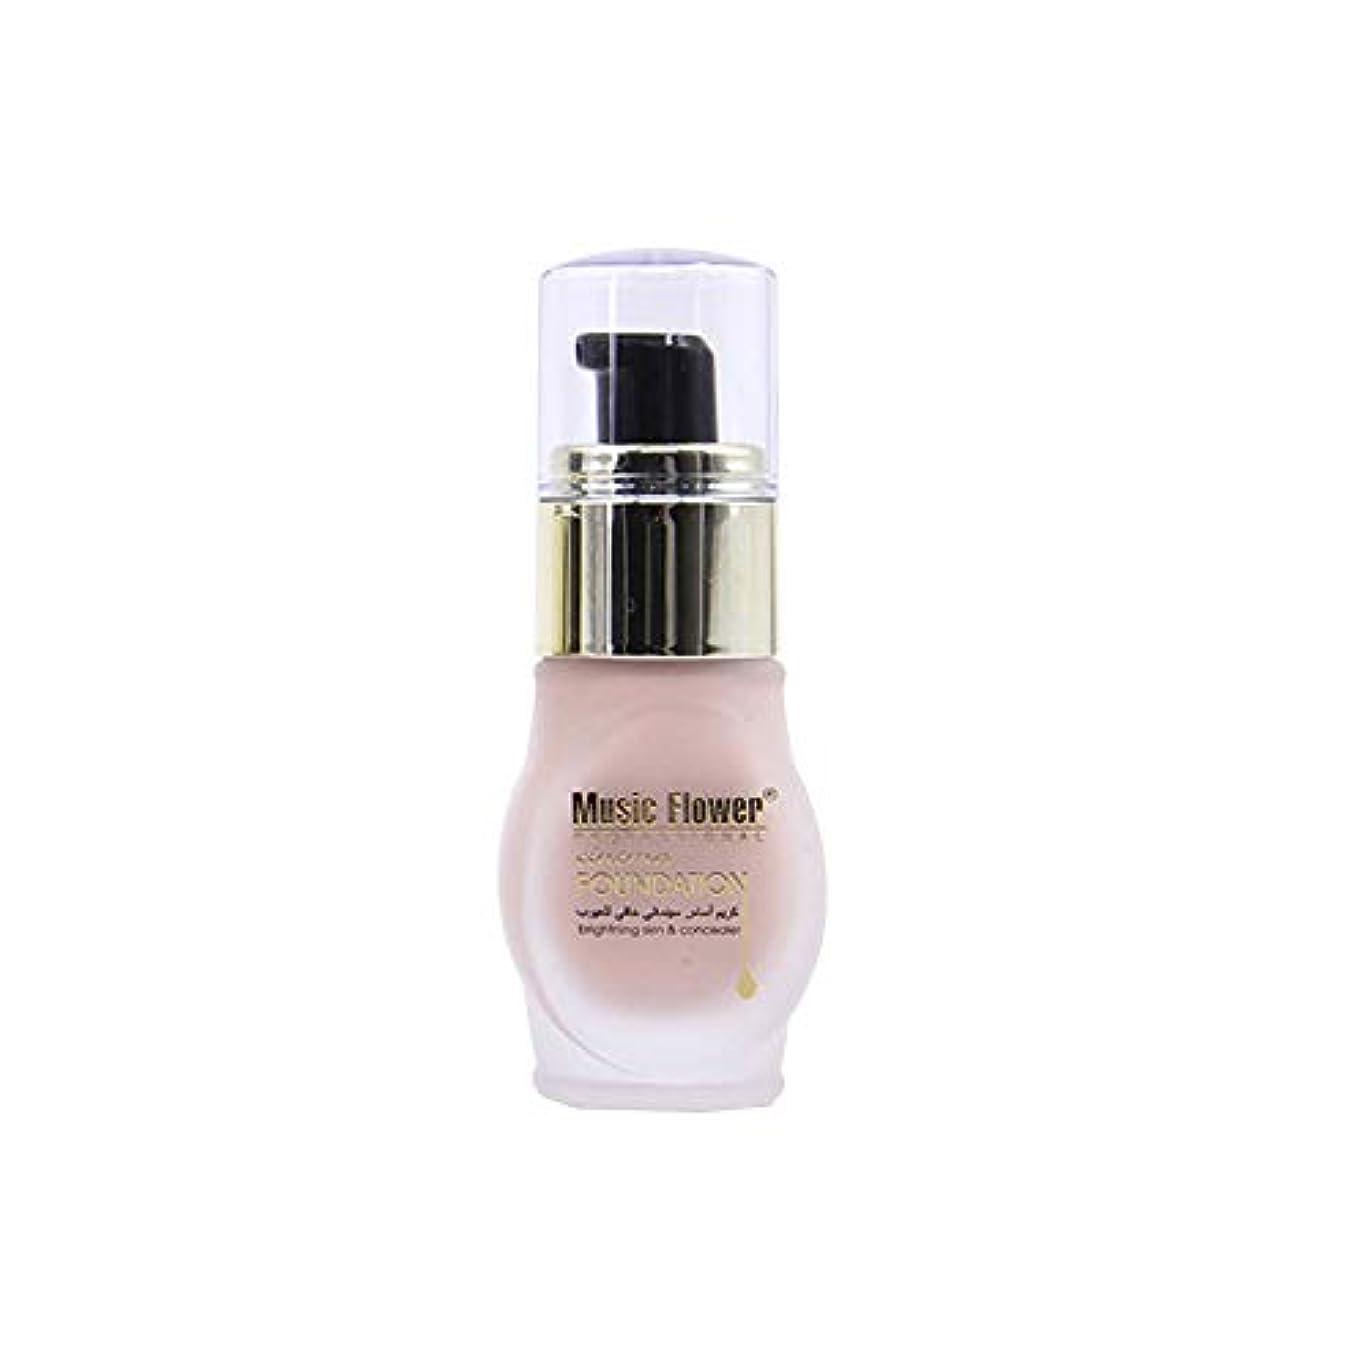 ことわざイチゴまだビューティー コンシーラー 長続きがする 化粧品 上質 滑らかな風合い 繊細な化粧 自然に見える カバーパーフェクション チップコンシーラー UV対策 裸化粧品